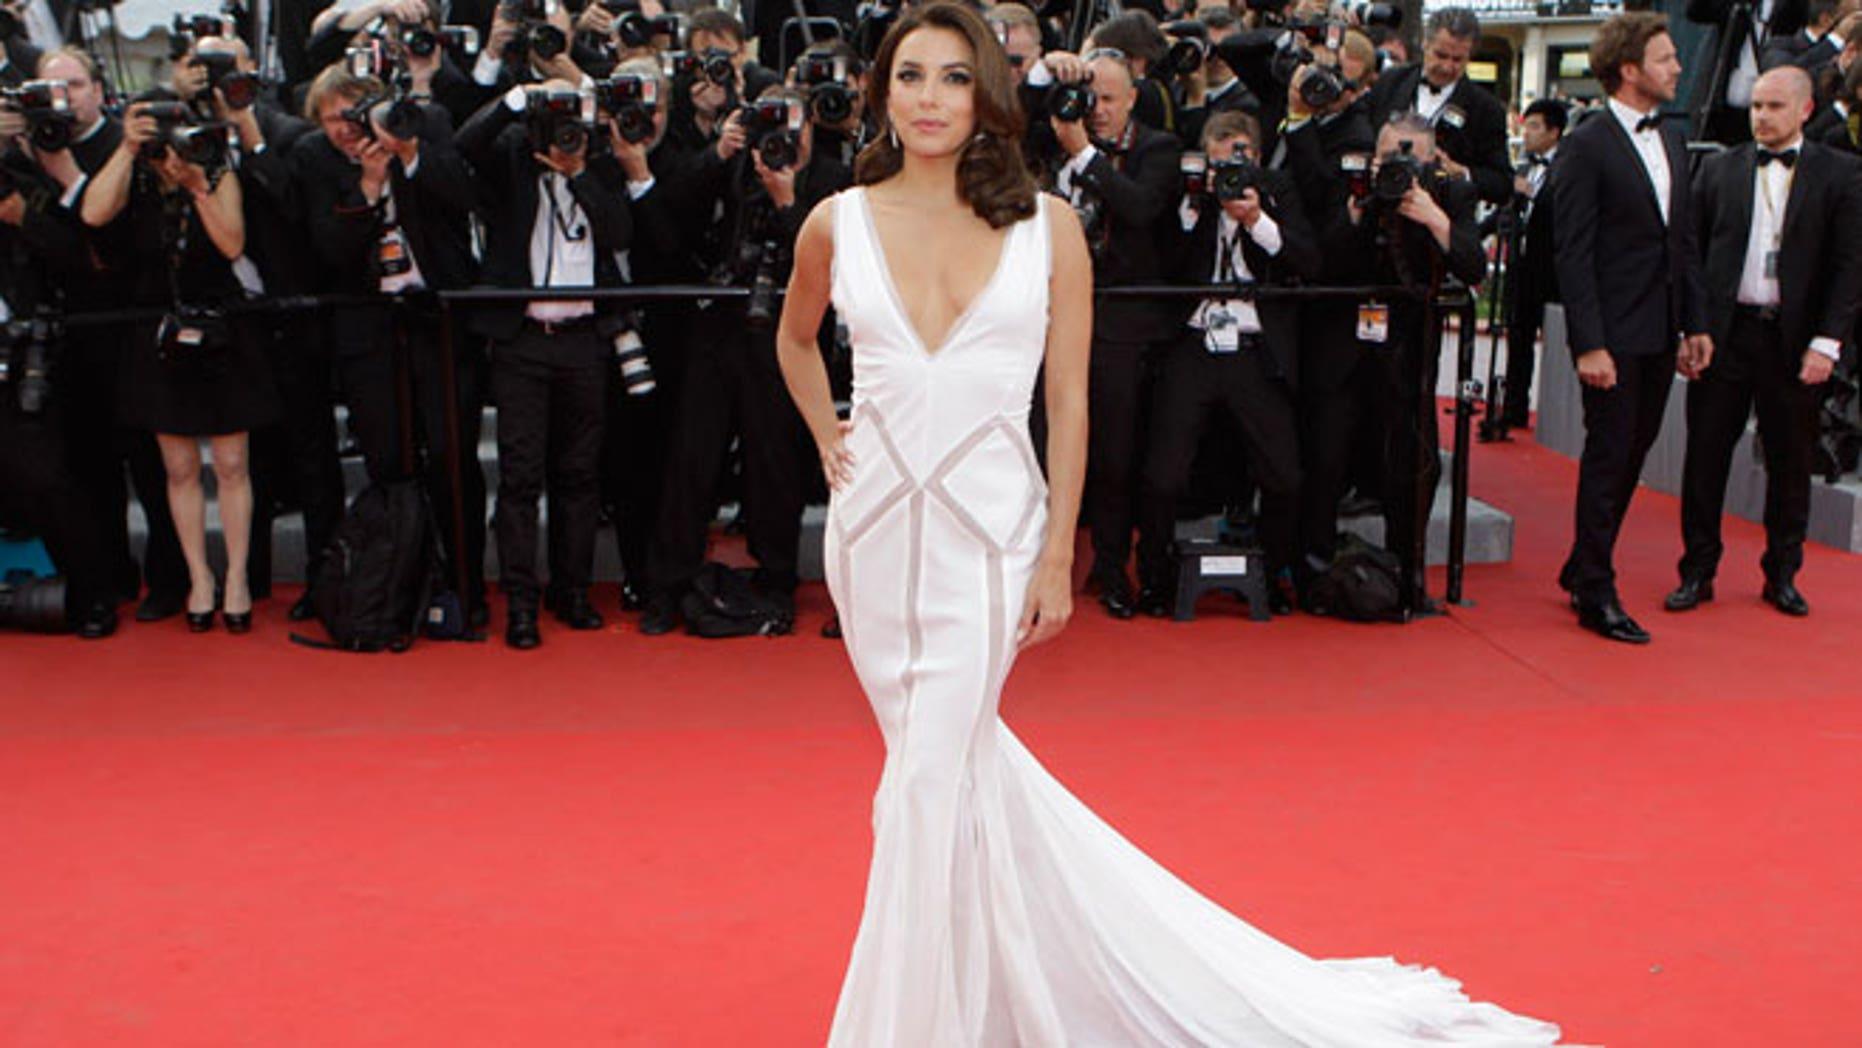 Eva Longoria at the Cannes Film Festival